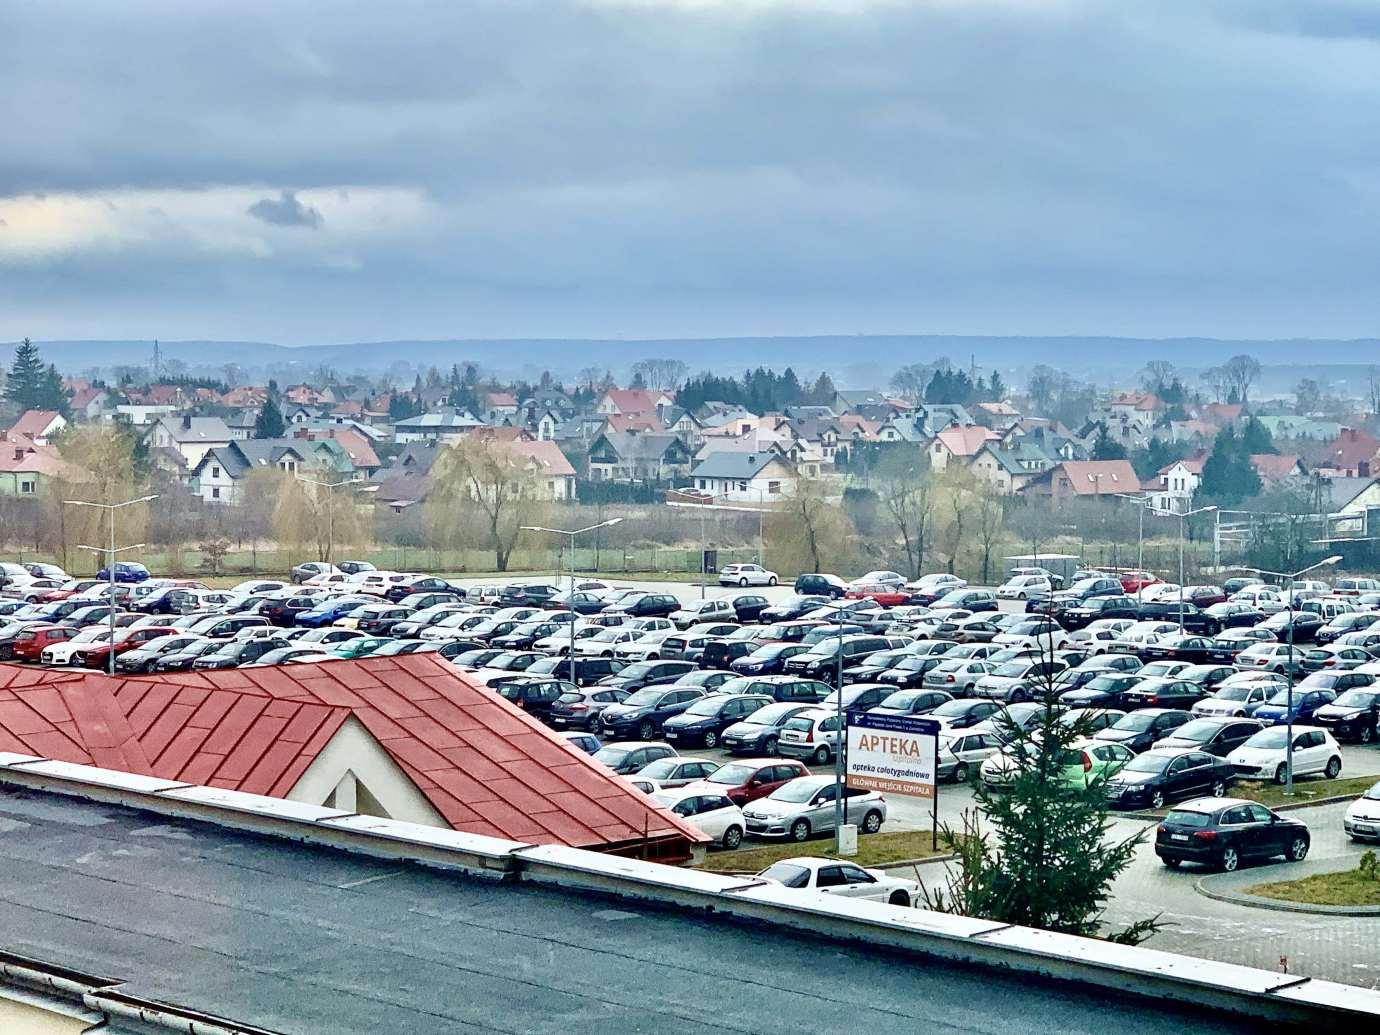 img 6697 Płatne parkowanie - mamy odpowiedź Rzecznika Samodzielnego Wojewódzkiego Szpitala im. Papieża Jana Pawła II w Zamościu